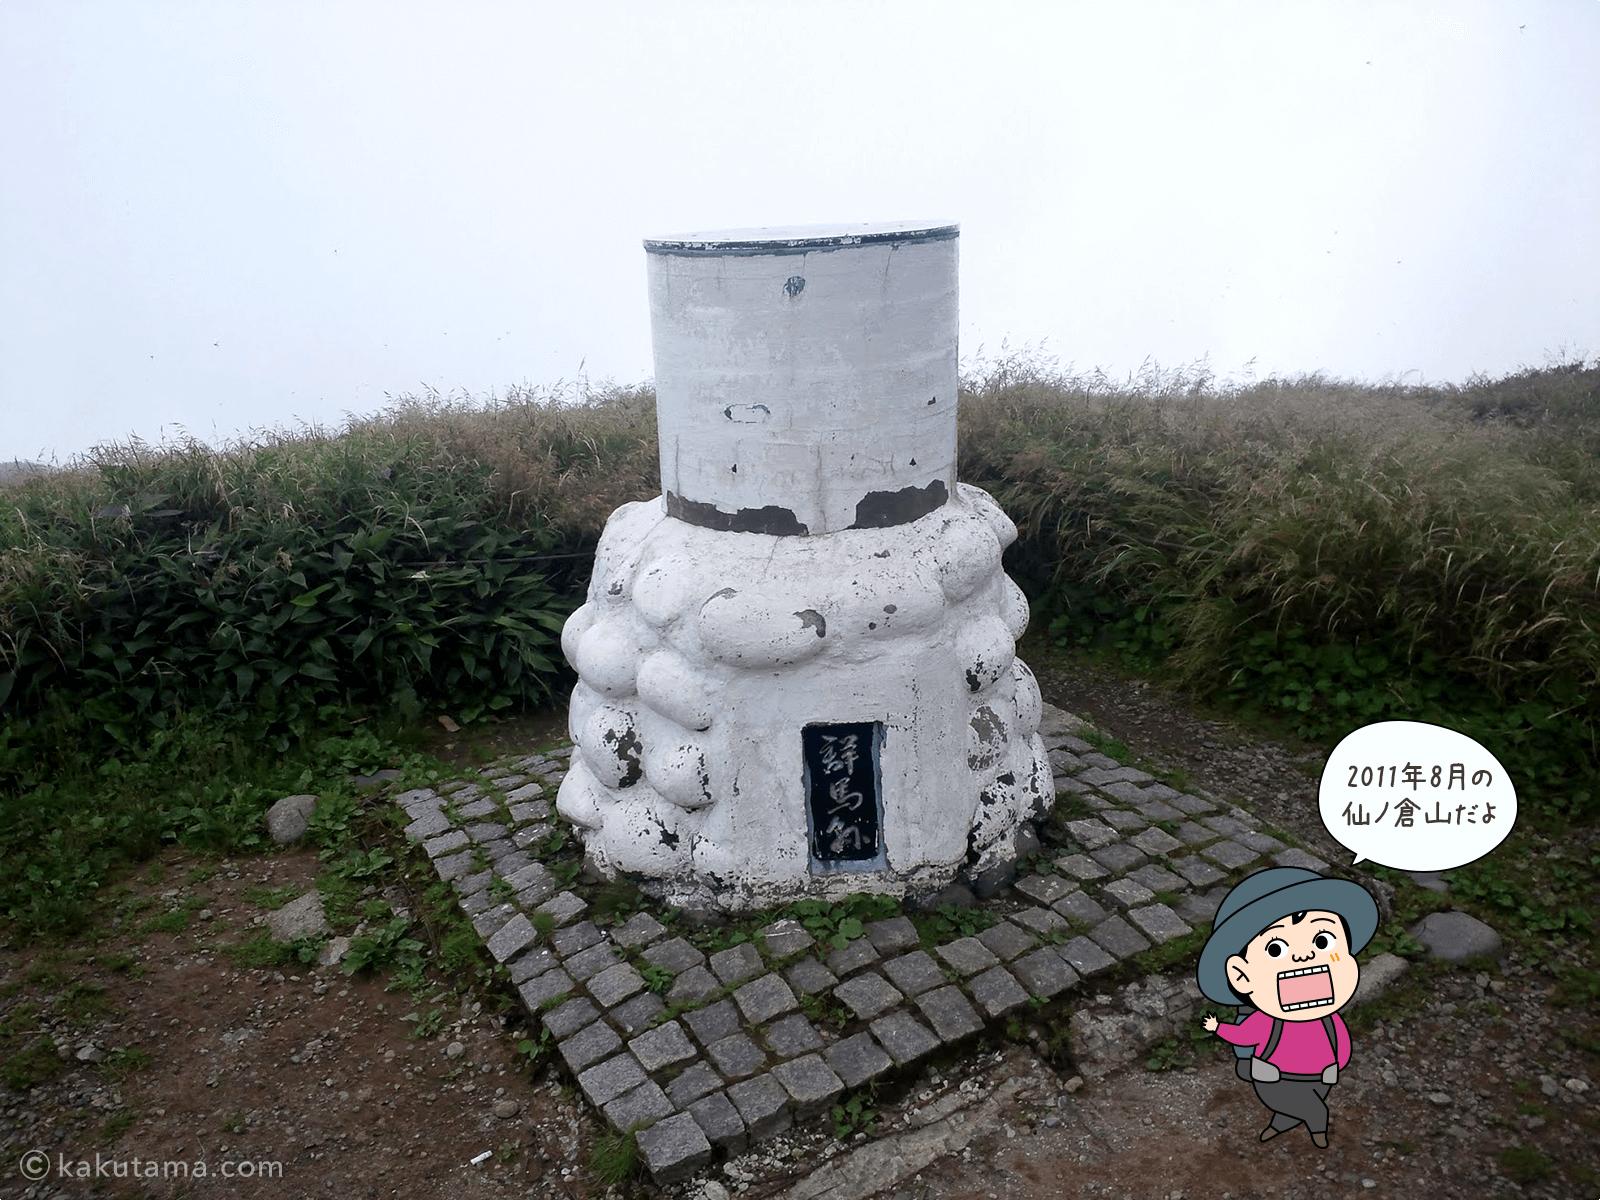 仙ノ倉山の方位盤